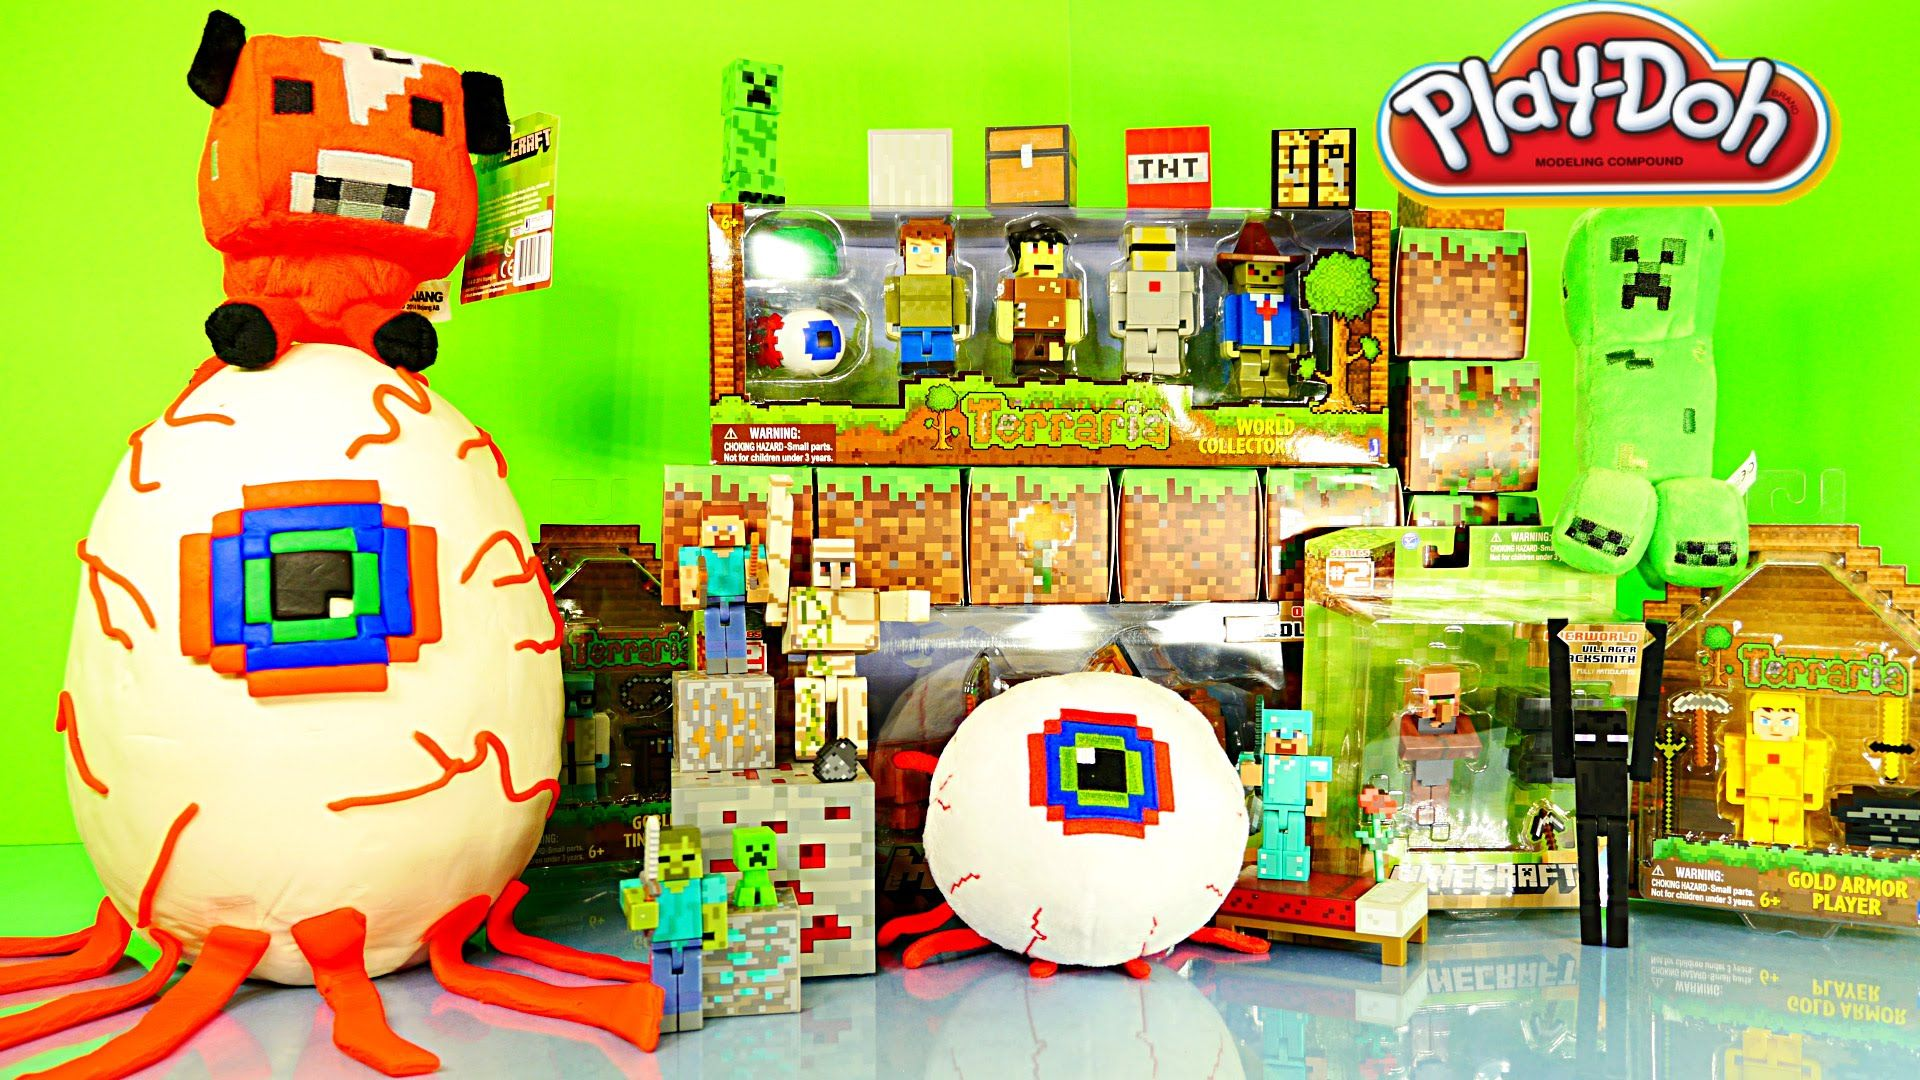 Good Wallpaper Minecraft Terraria - 823ec20d9f7a5f19ac9402e233d71d82  Picture_103673.jpg